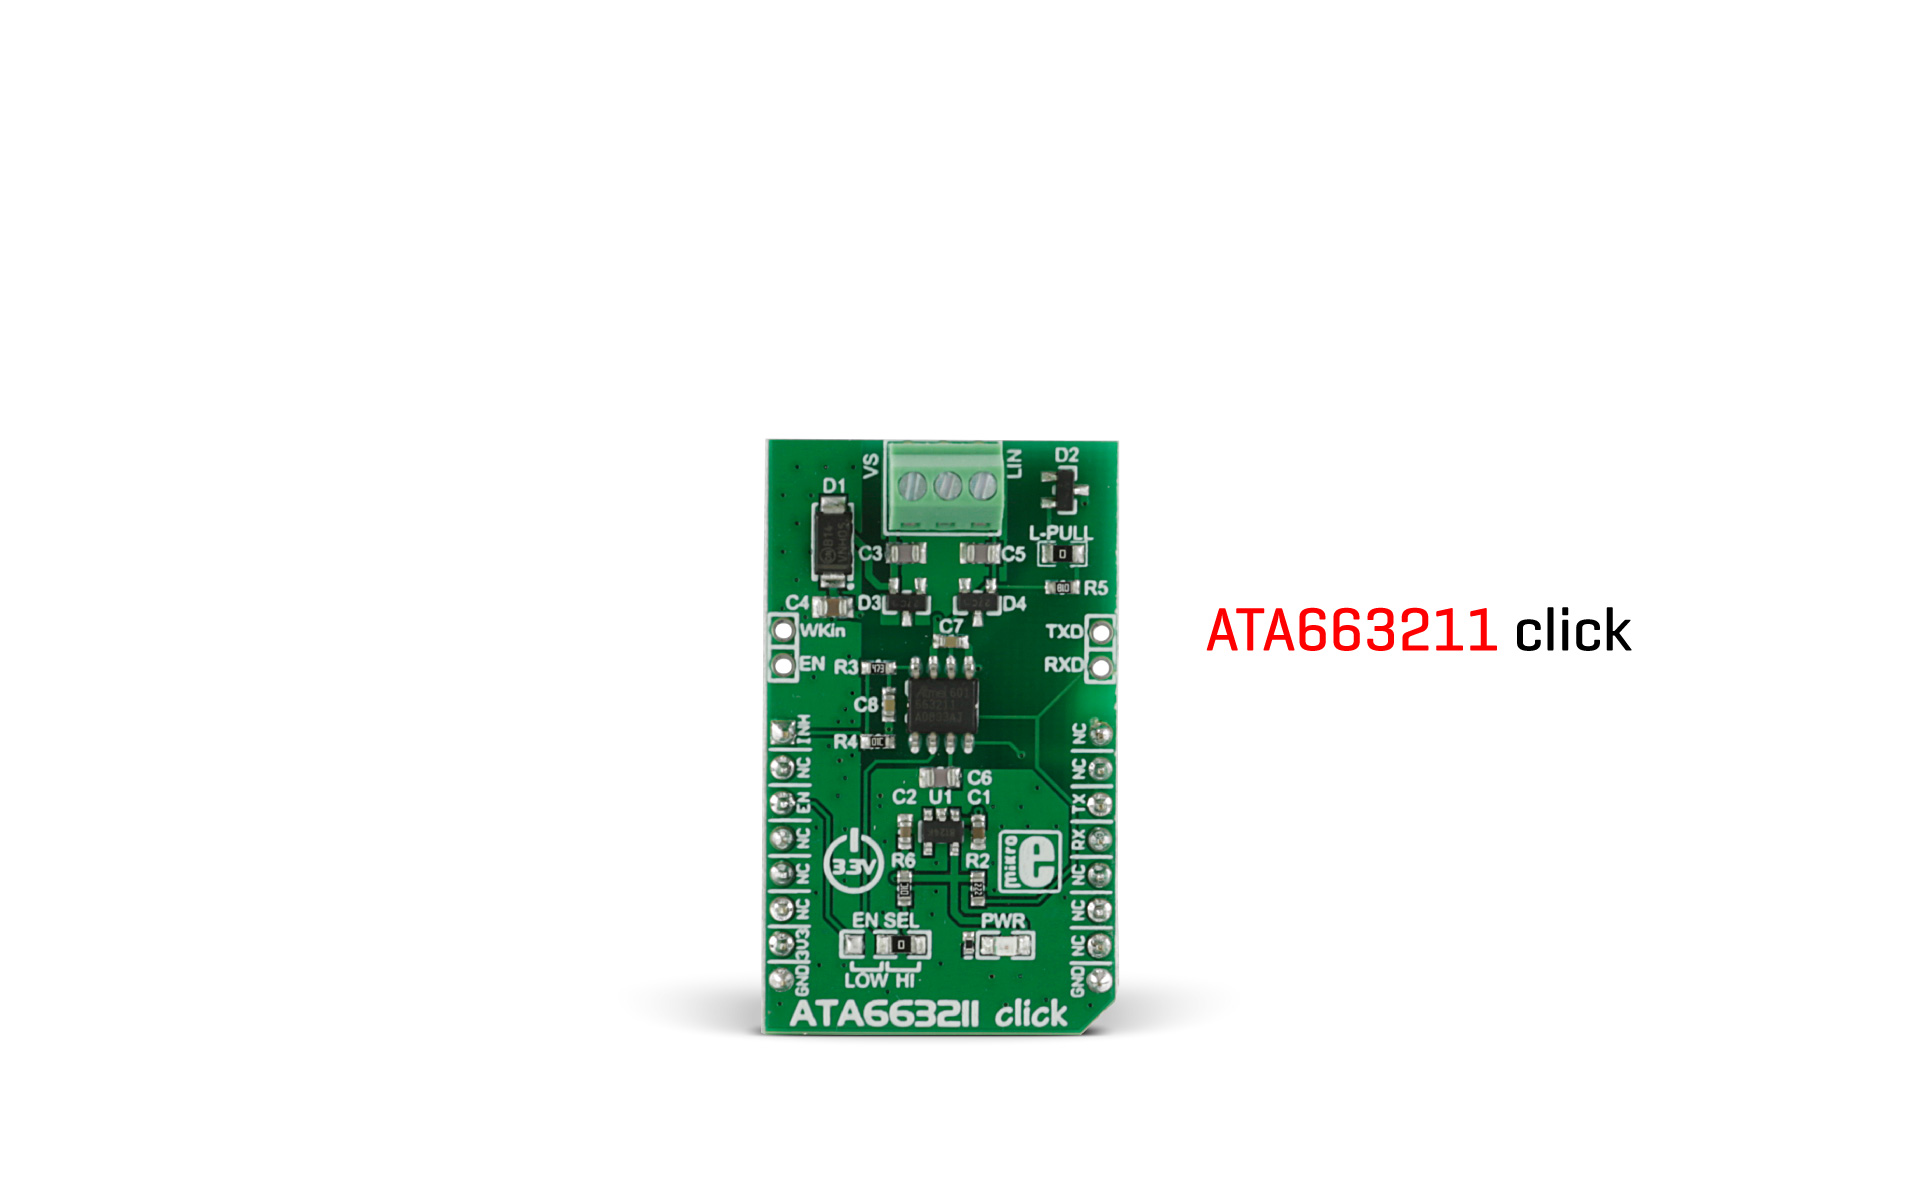 ATA663211 click released